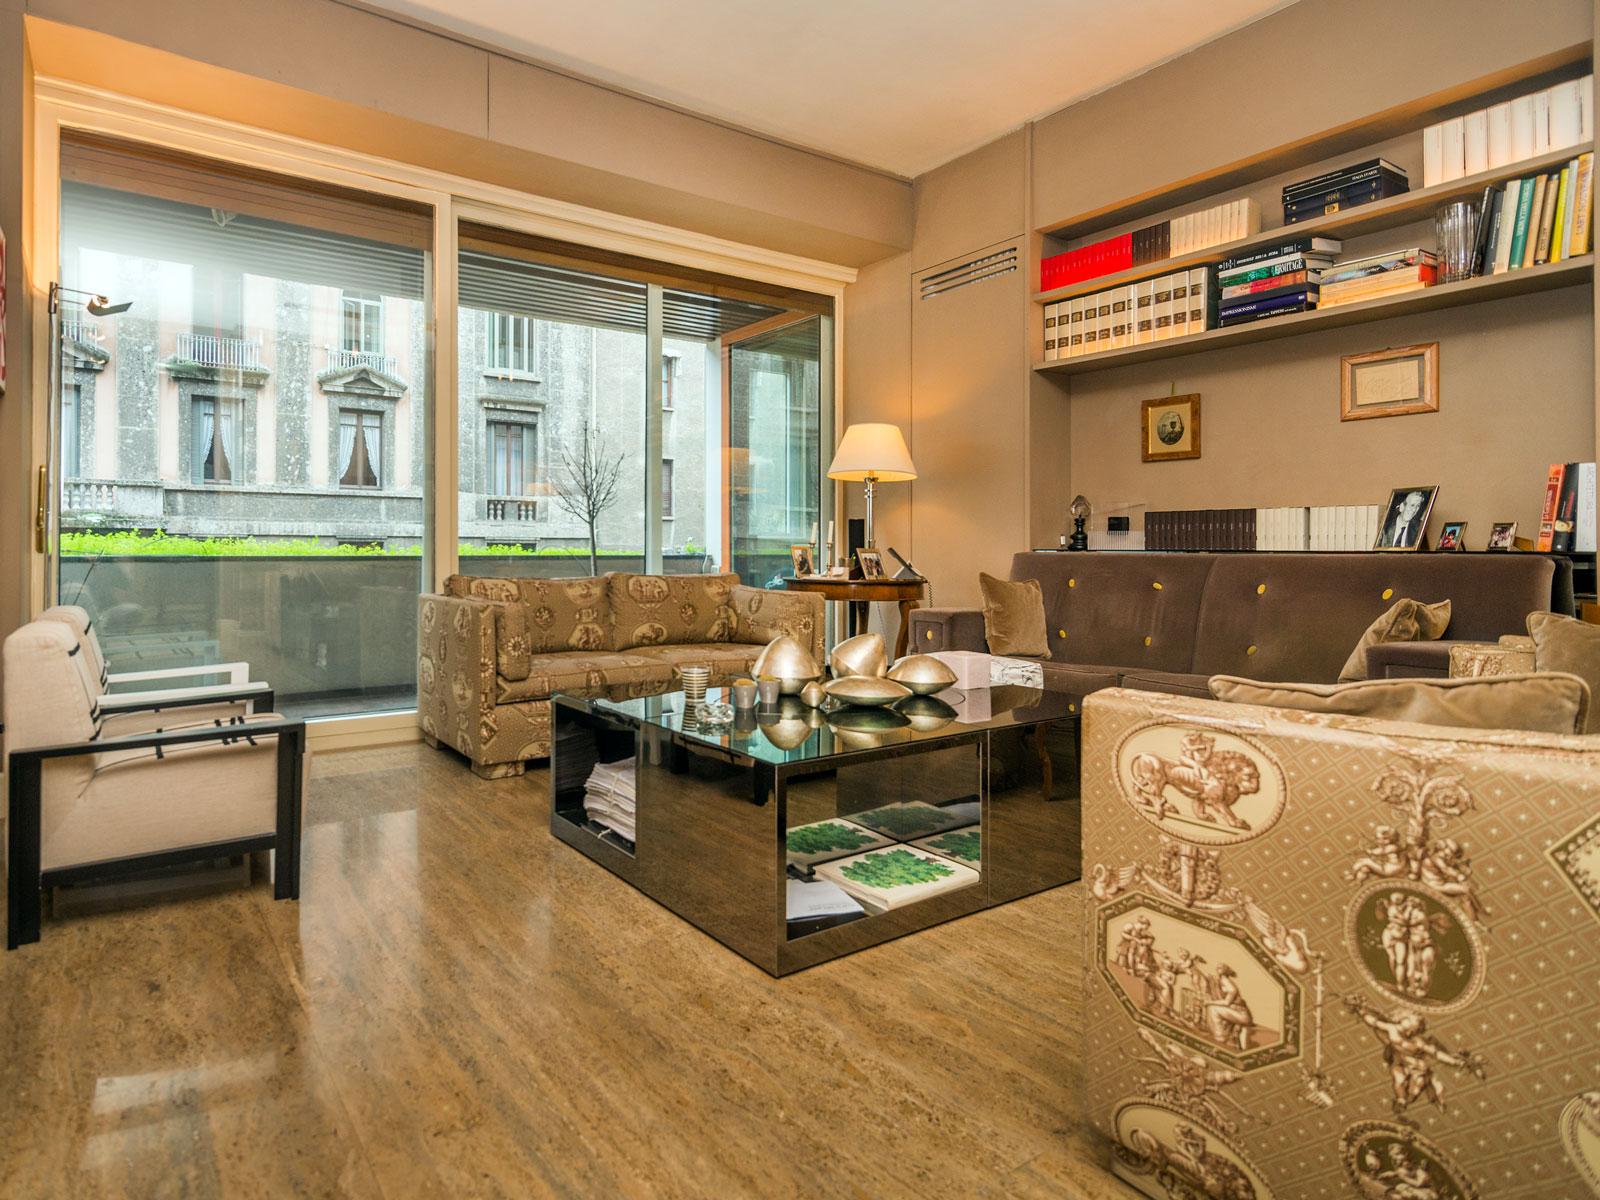 Appartamento per Vendita alle ore Splendido appartamento con magnifici interni Via San Vittore Milano, Milano 20123 Italia